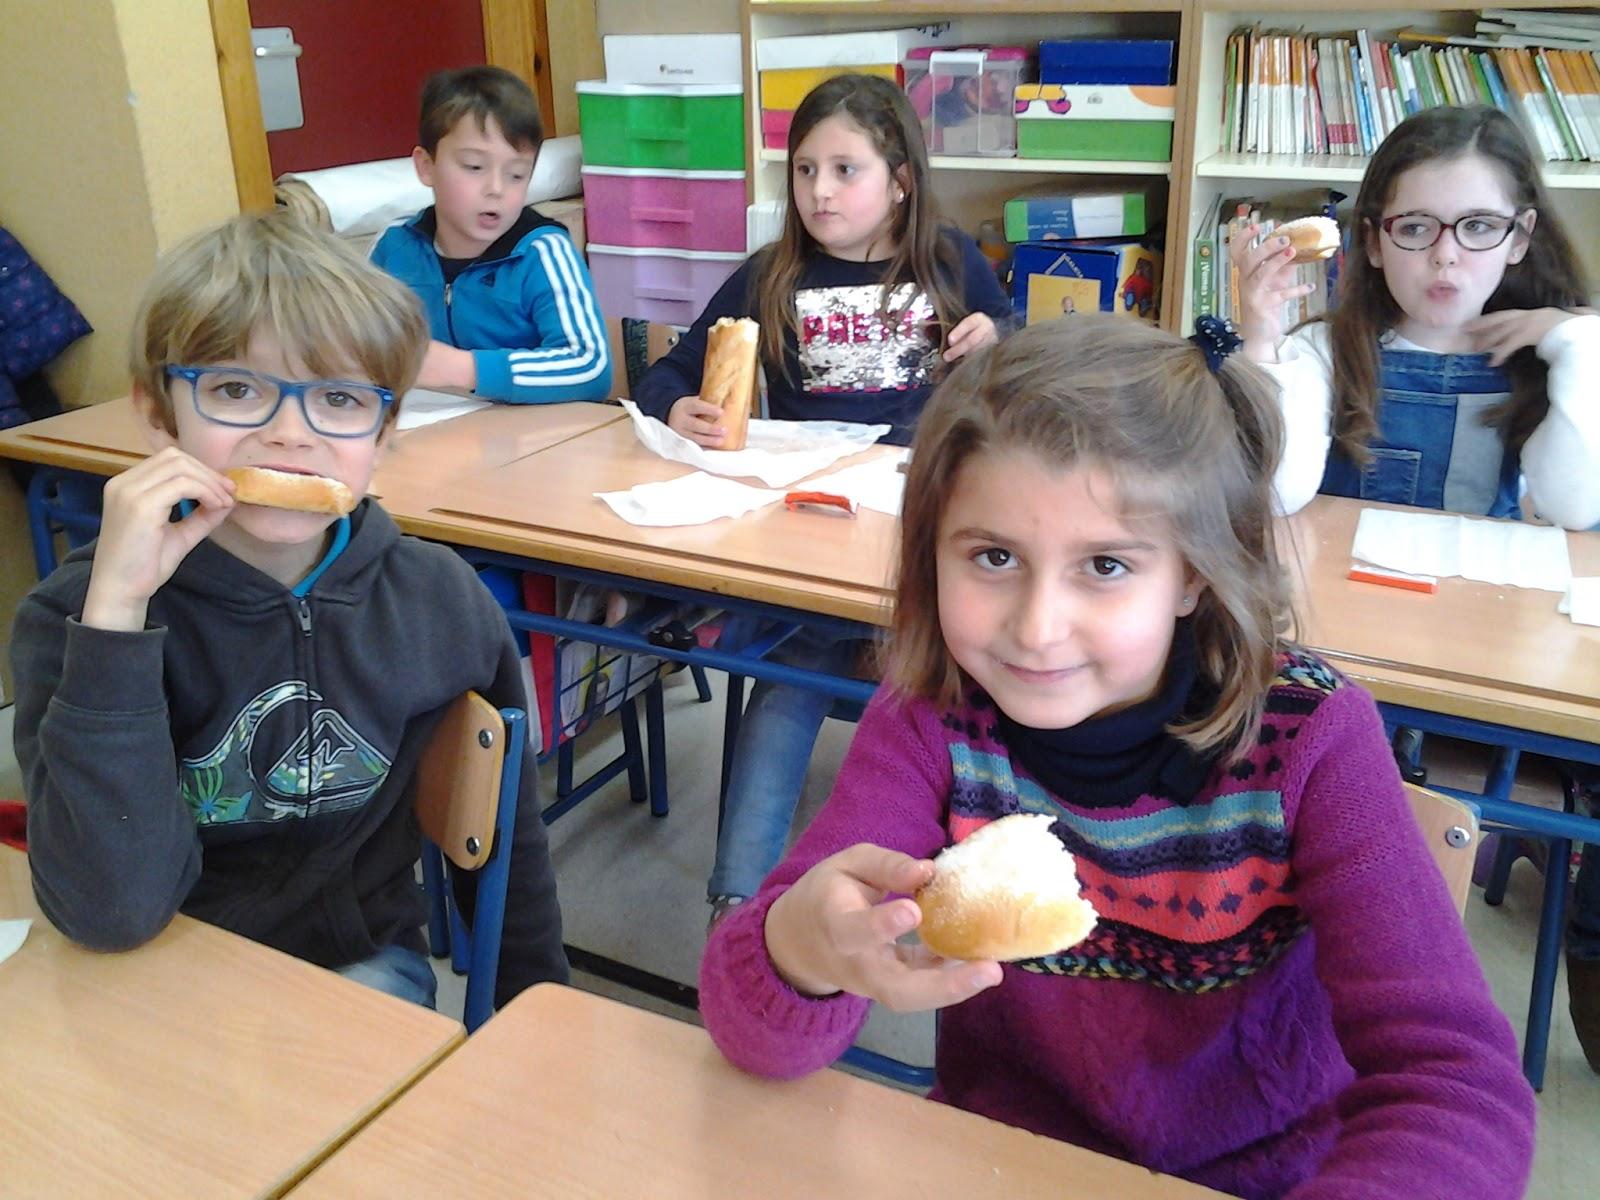 Amanda y luna ayudan a un compañero de clase 9